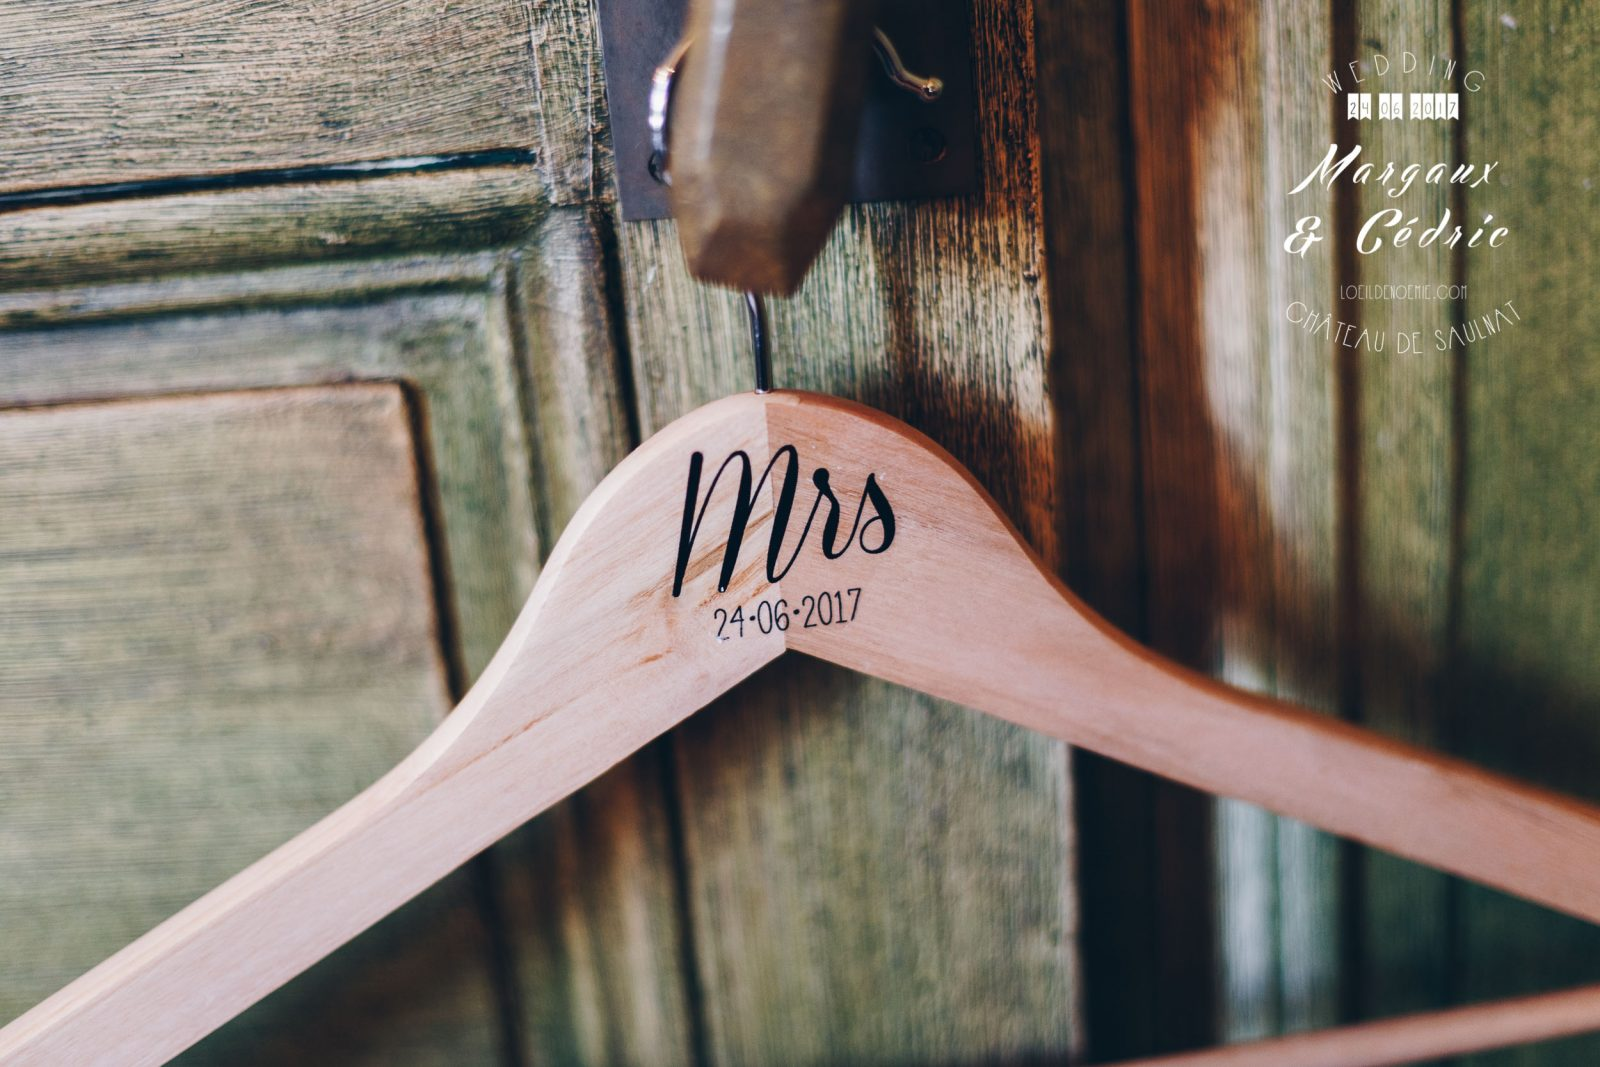 réussir son mariage, mariage chic et gourmand, photo préparatifs mariage Auvergne, L'oeil de Noémie meilleur photographe de mariage en Auvergne